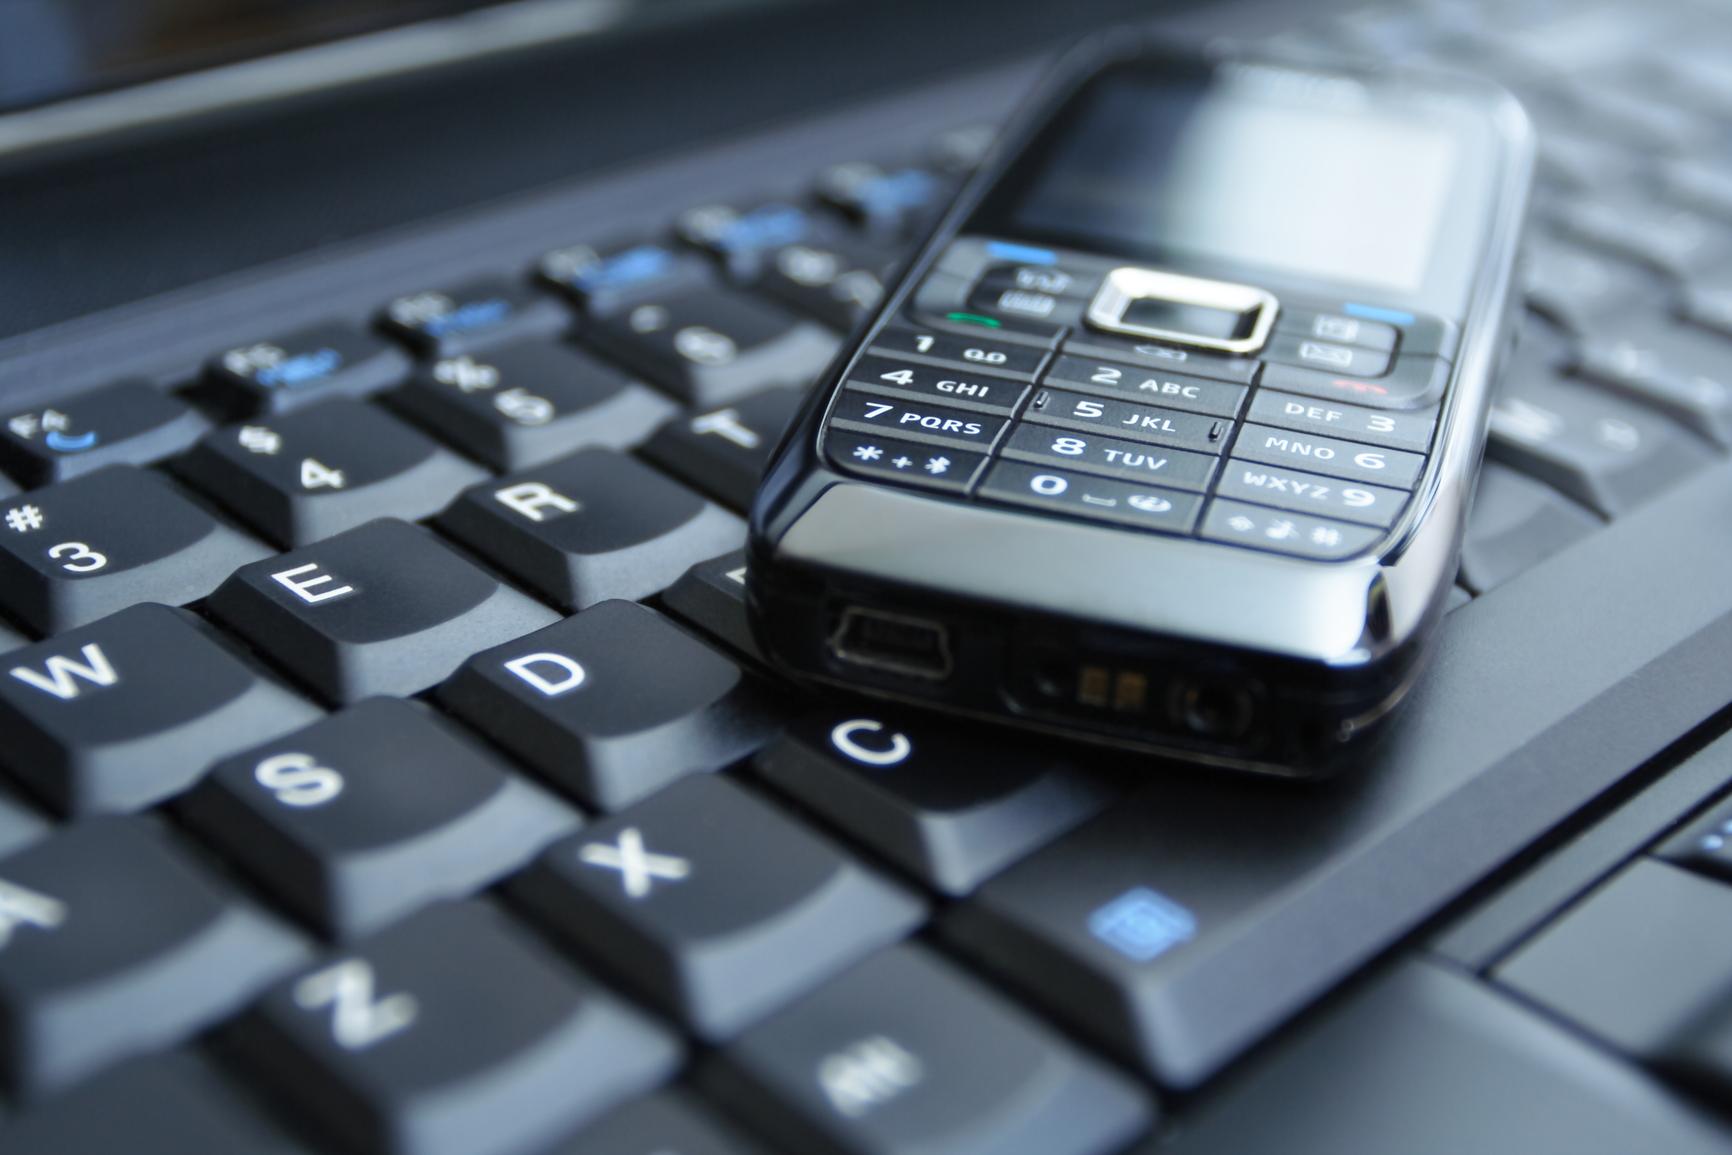 Телефон для голосовой связи через интернет: оригинальное решение своими руками